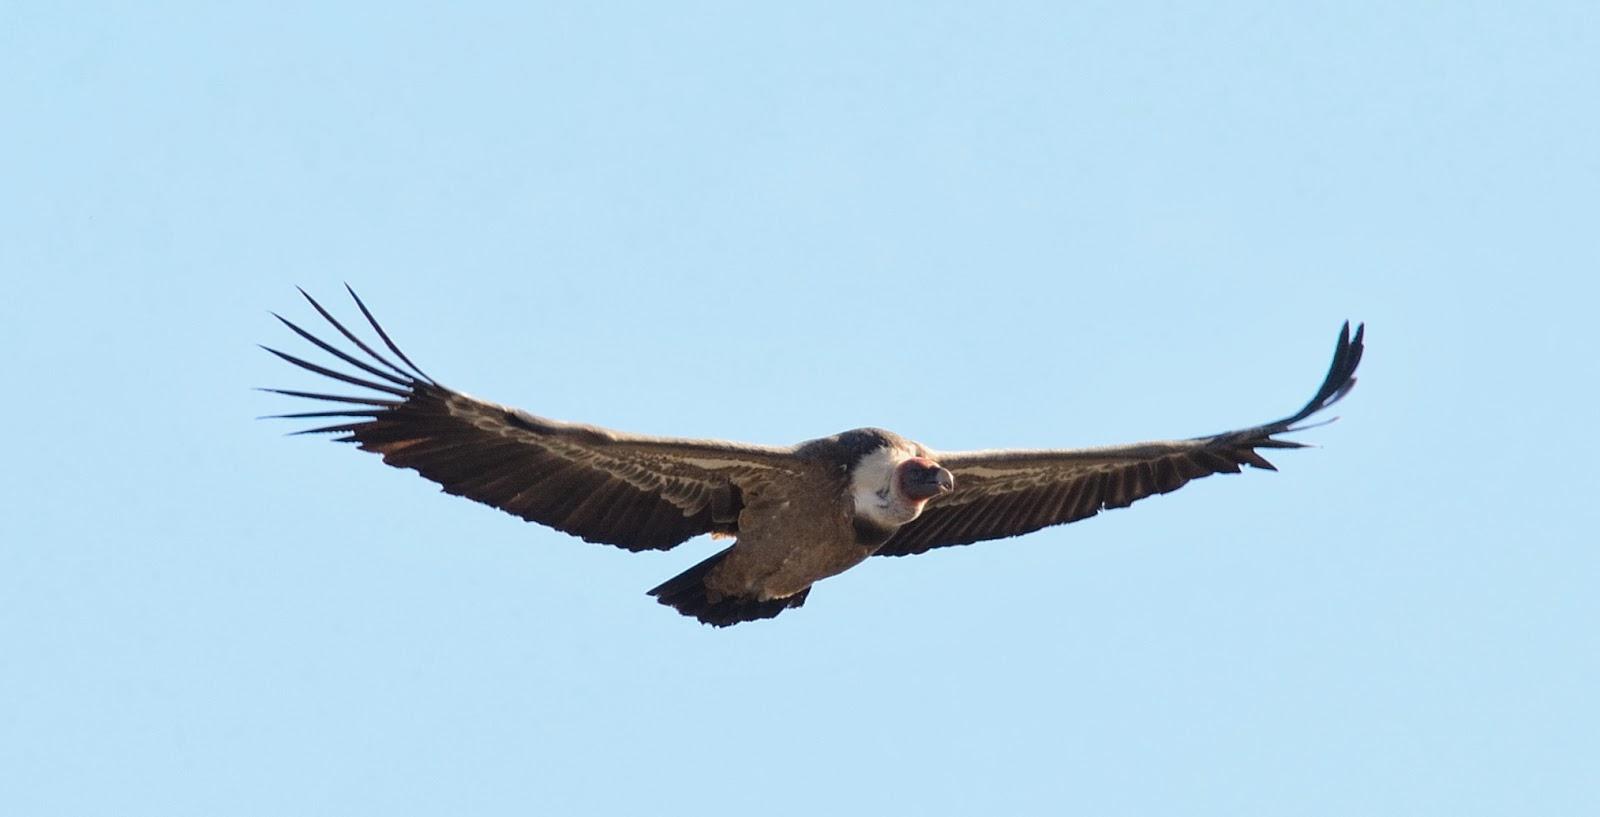 Excursión SEO/BirdLife a ZEPA del Alto Guadiato. Buitre Leonado